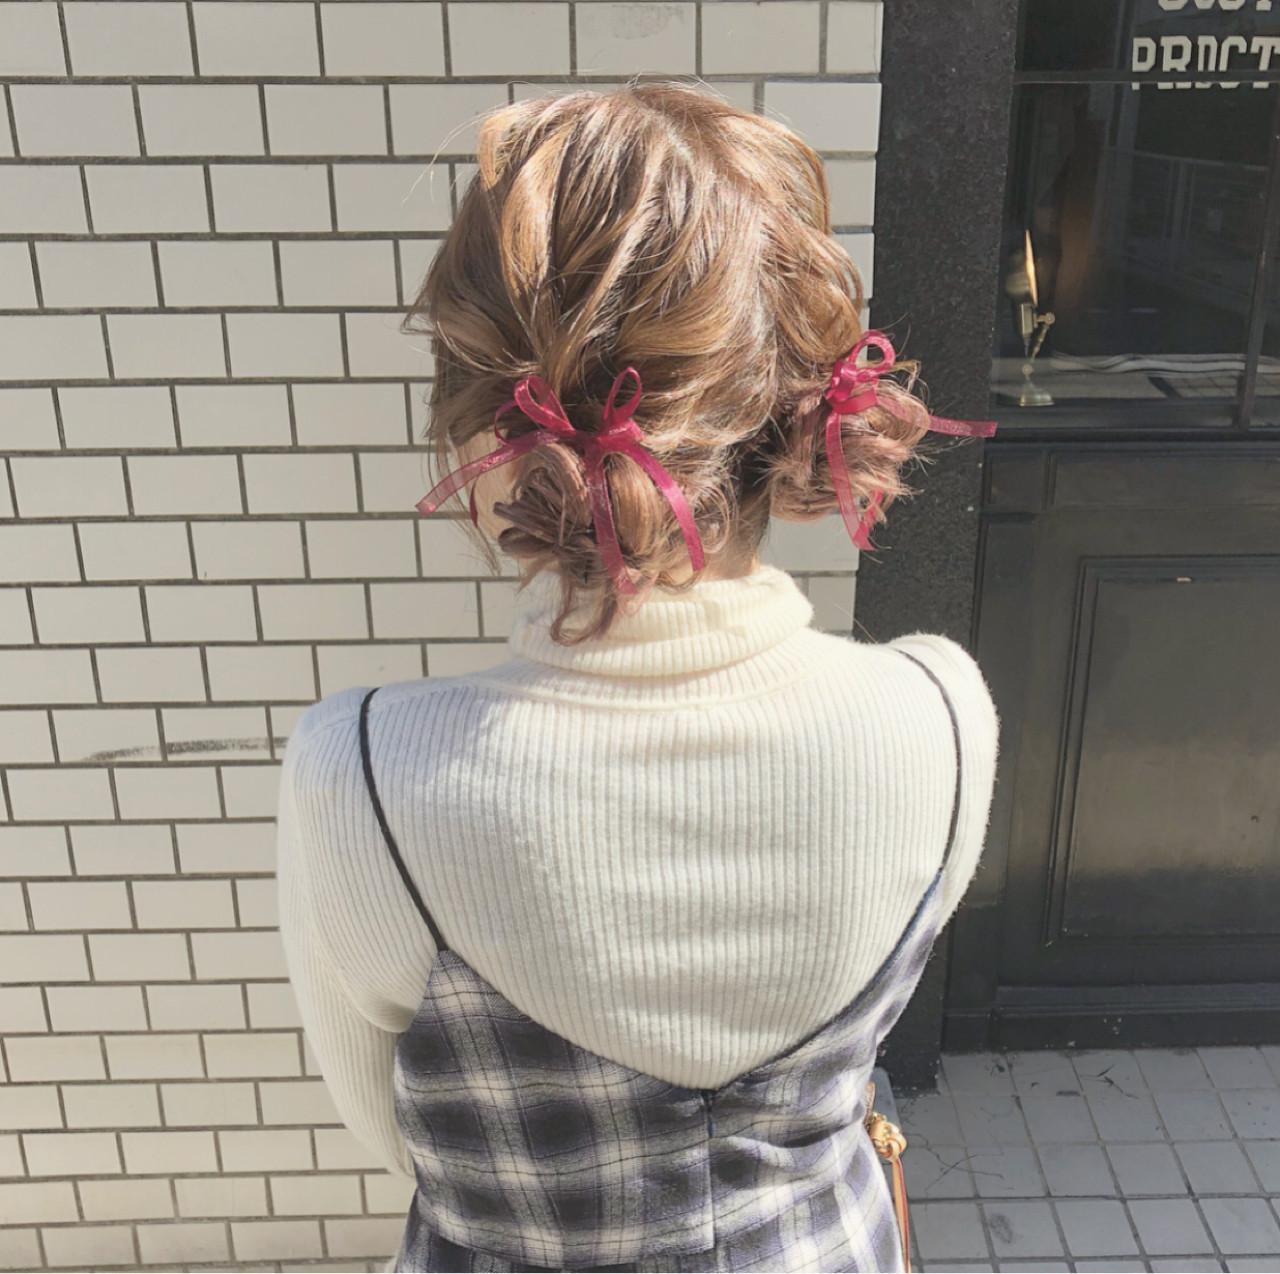 ツインお団子で可愛い髪型デビュー♡ hii.de@✂︎